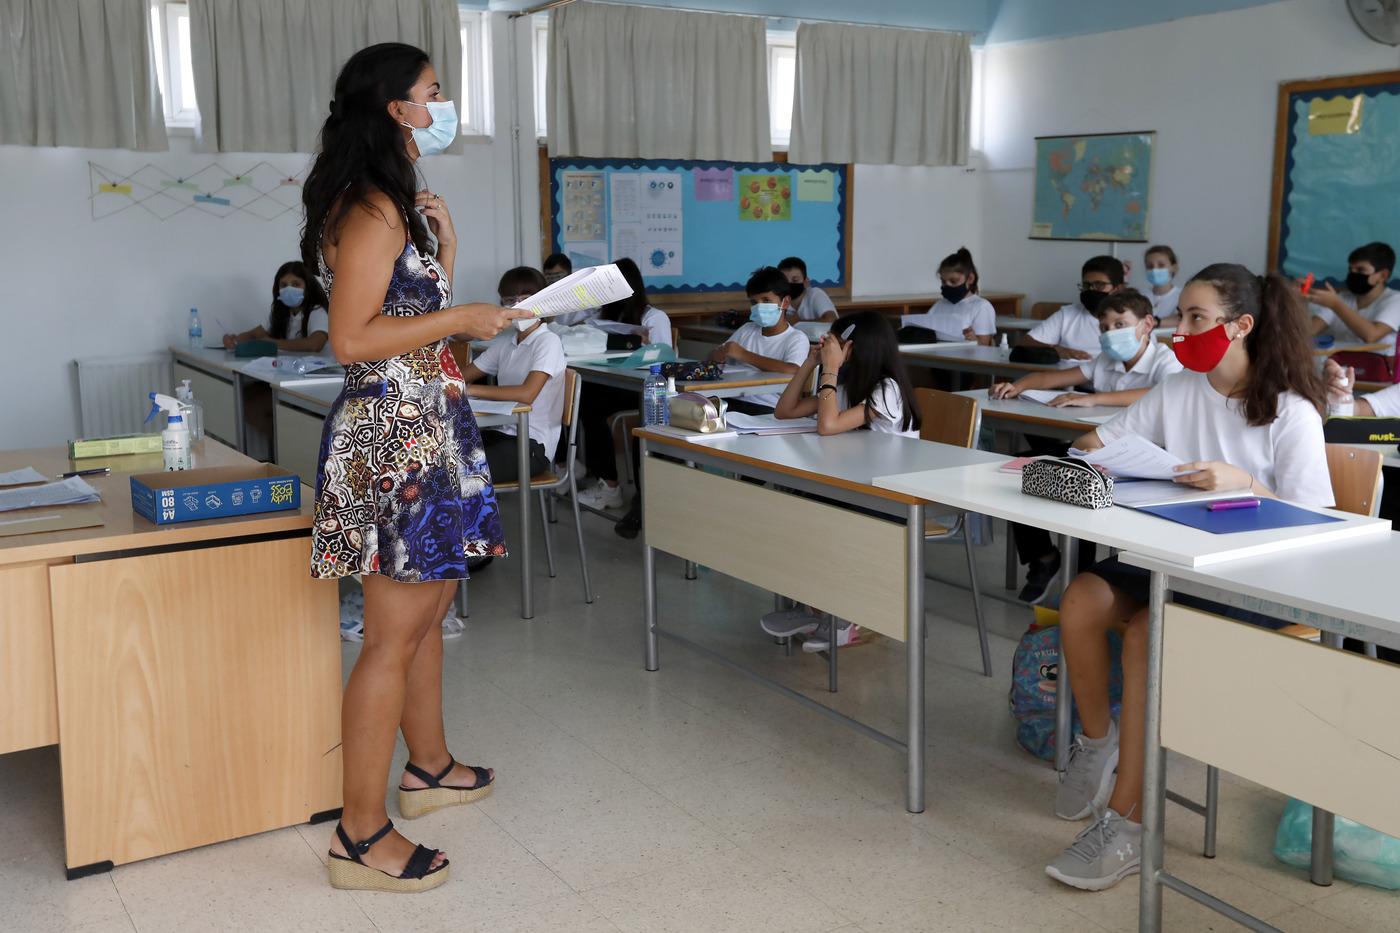 Scuola, paura per un altro caso di Coronavirus in un istituto di Palermo